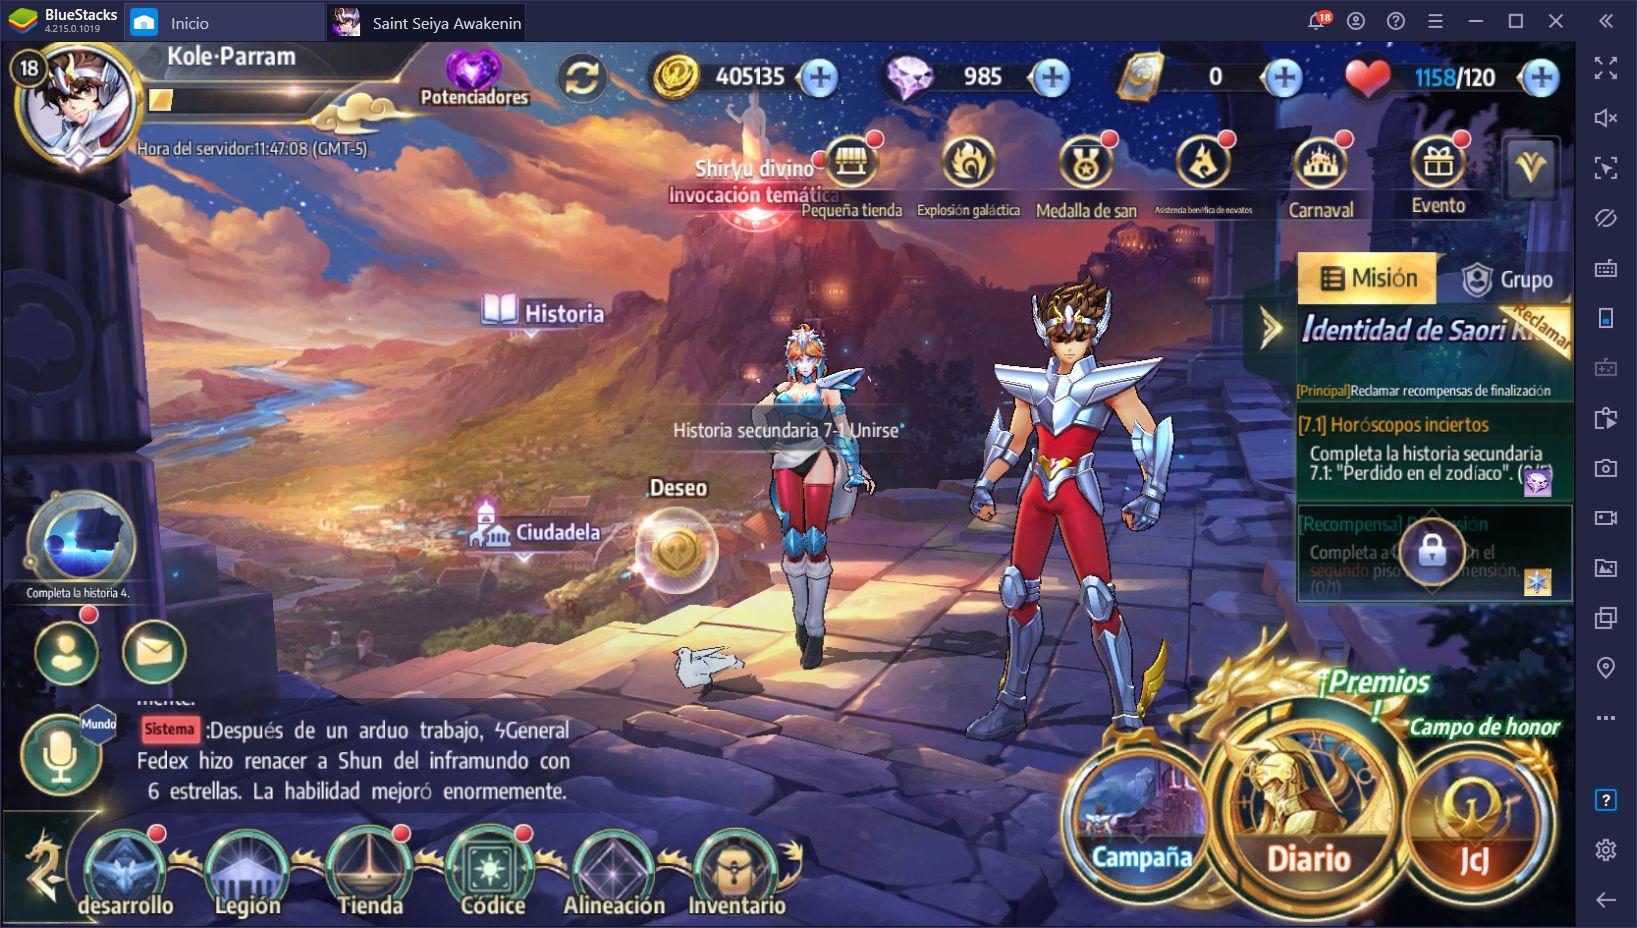 Saint Seiya Awakening – Cómo Invocar a los Mejores Personajes (Actualizado Para Julio 2020)